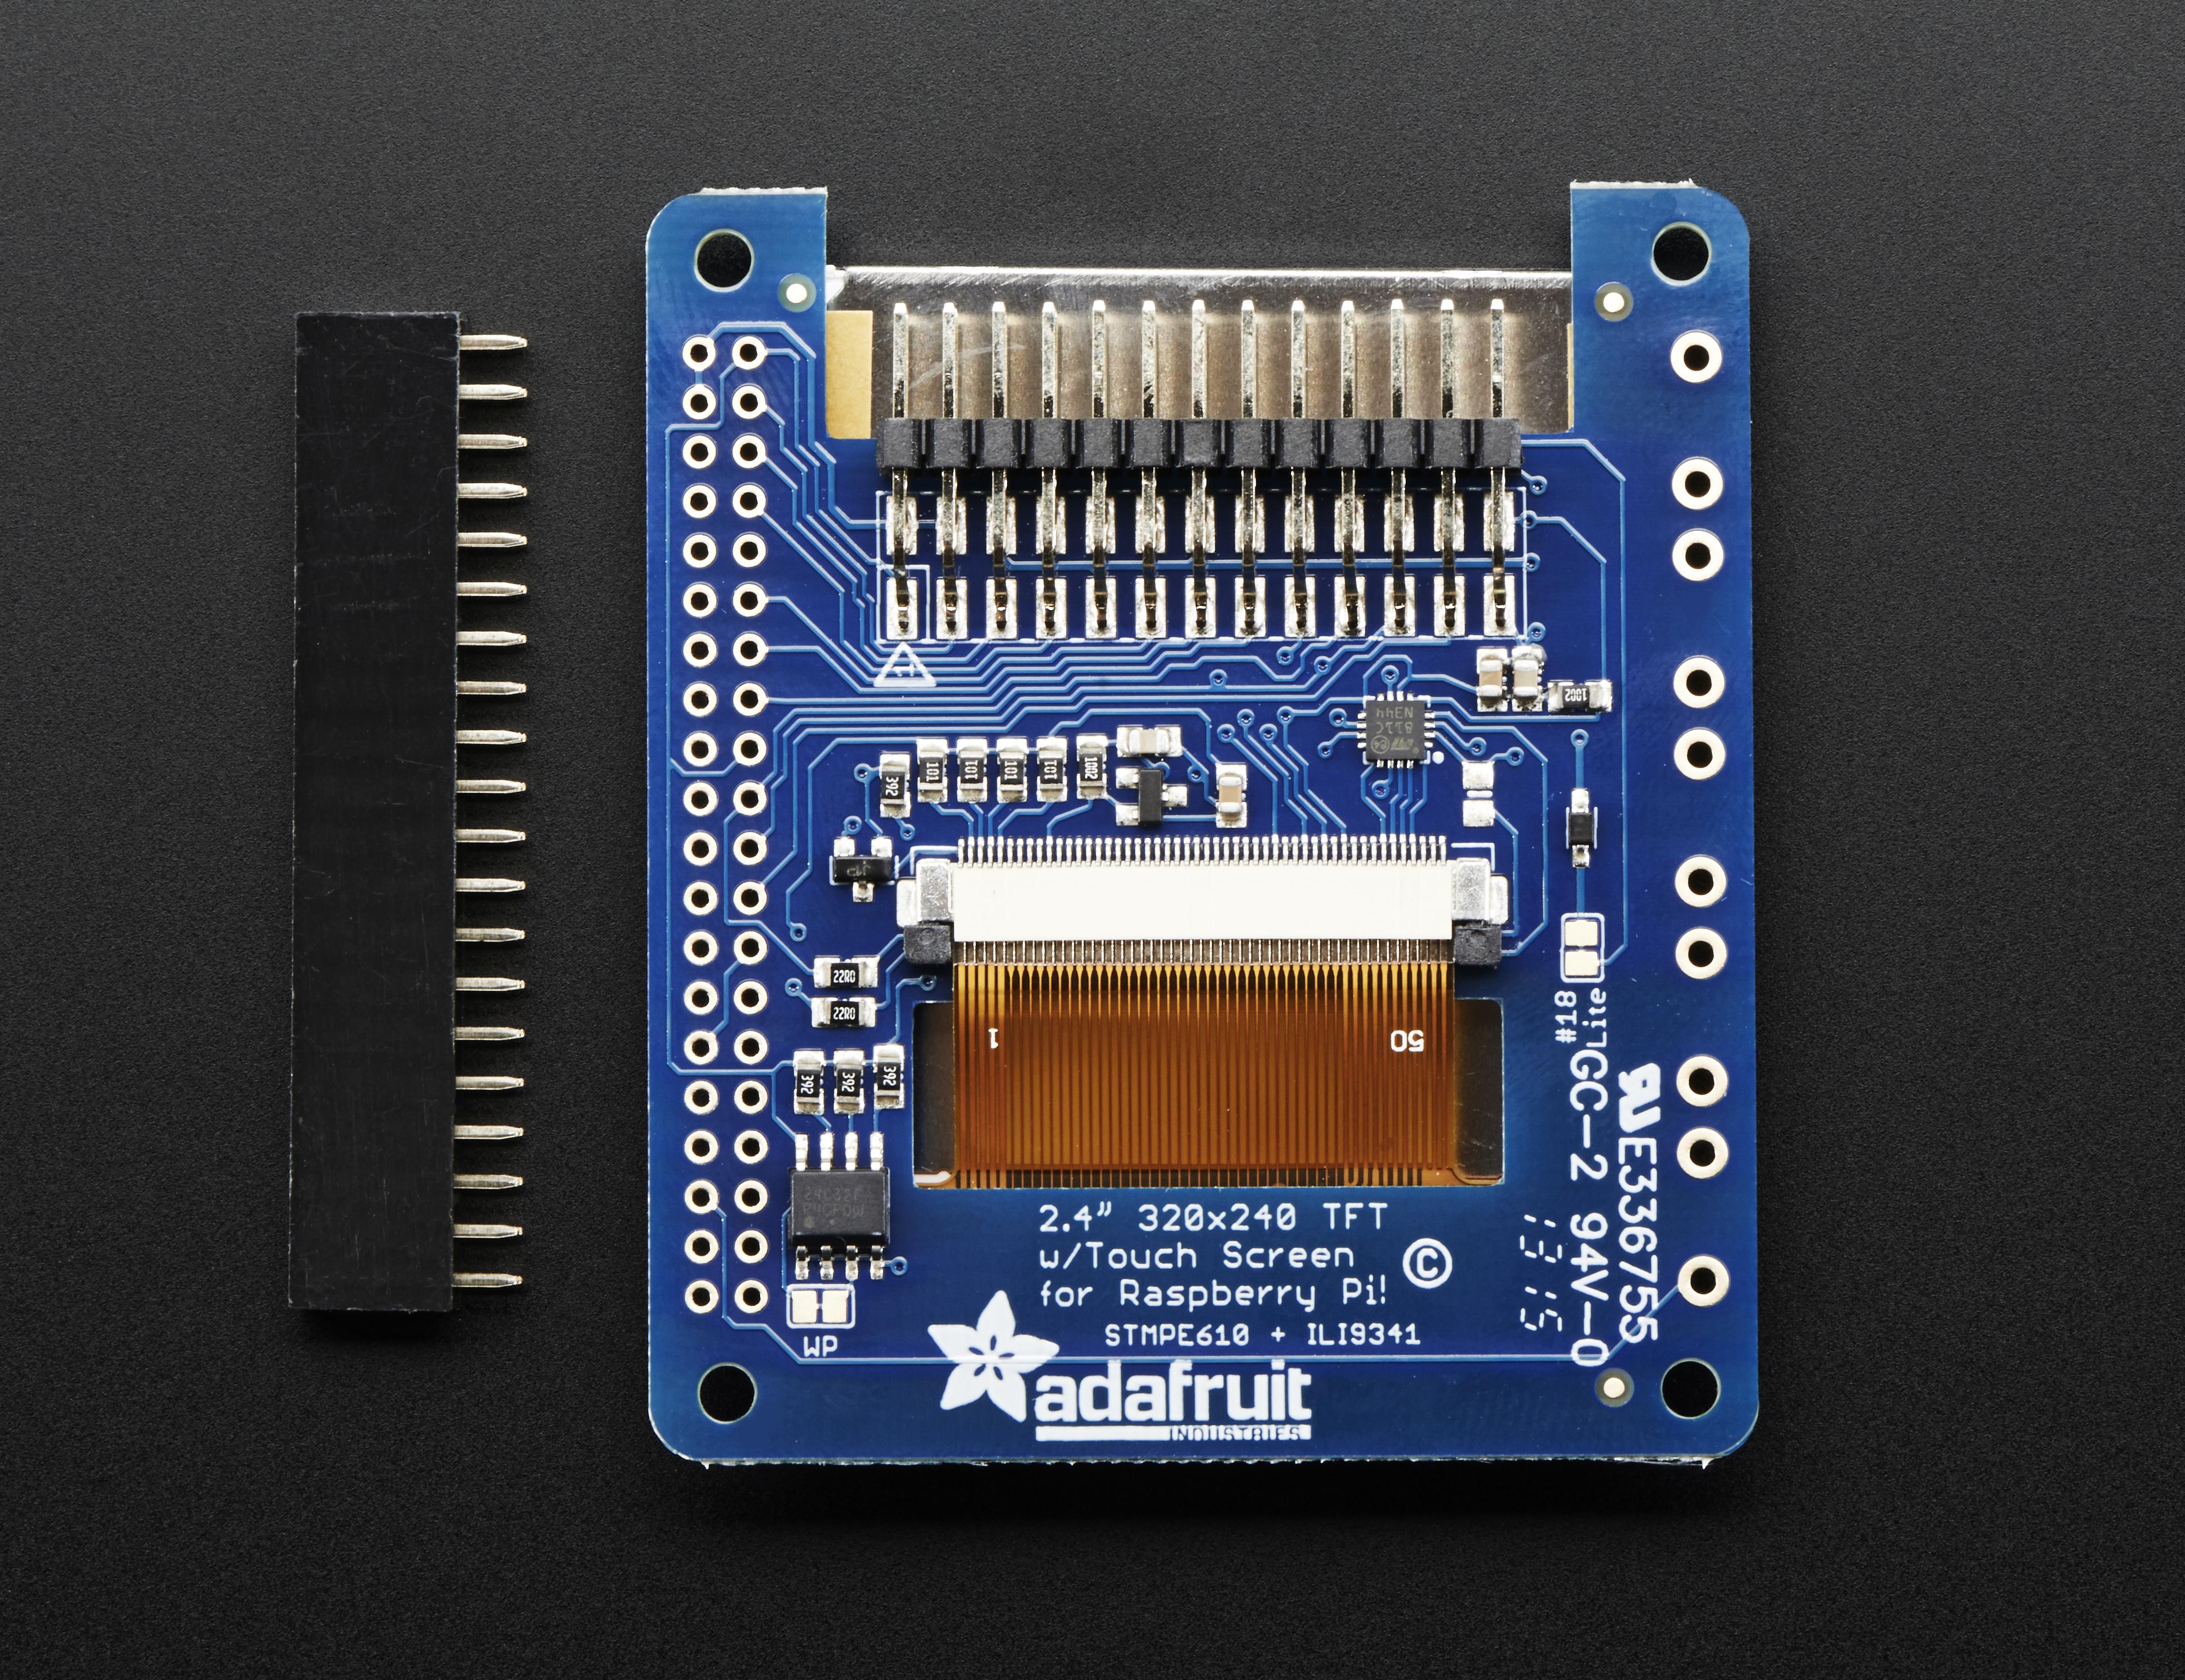 adafruit_products_2455_kit_ORIG.jpg